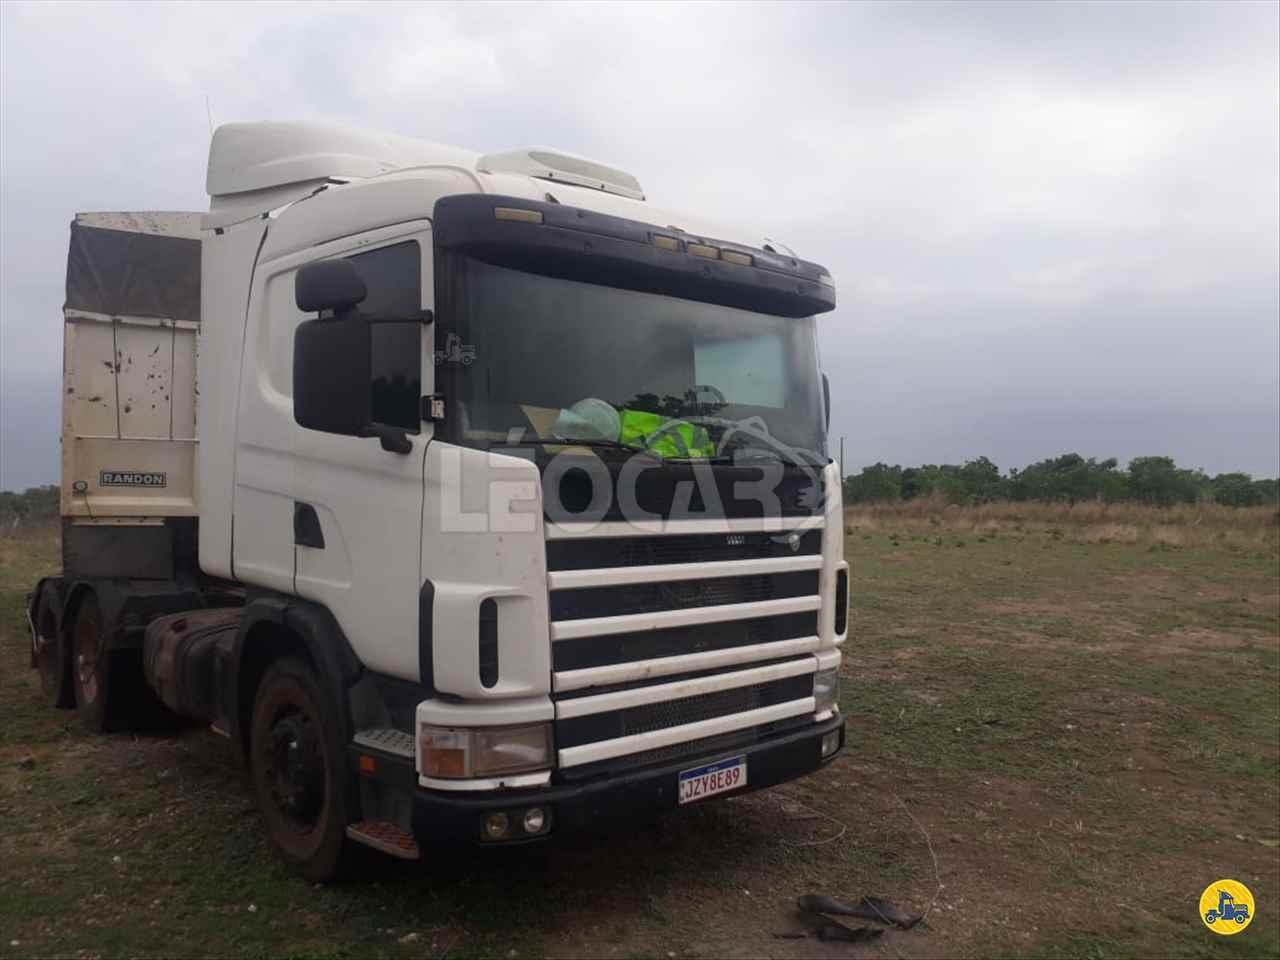 CAMINHAO SCANIA SCANIA 400 Caçamba Basculante Truck 6x2 Leocar Caminhões PRIMAVERA DO LESTE MATO GROSSO MT